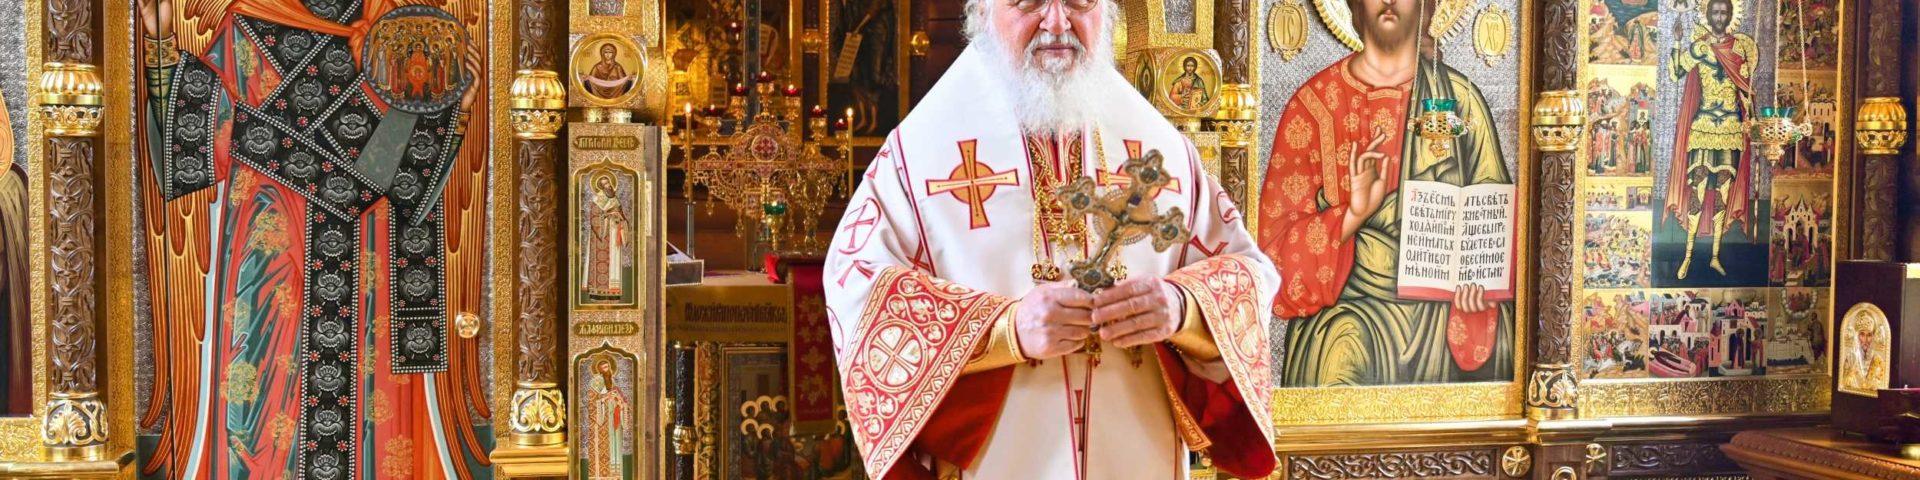 Тезоименитство Святейшего Патриарха Кирилла